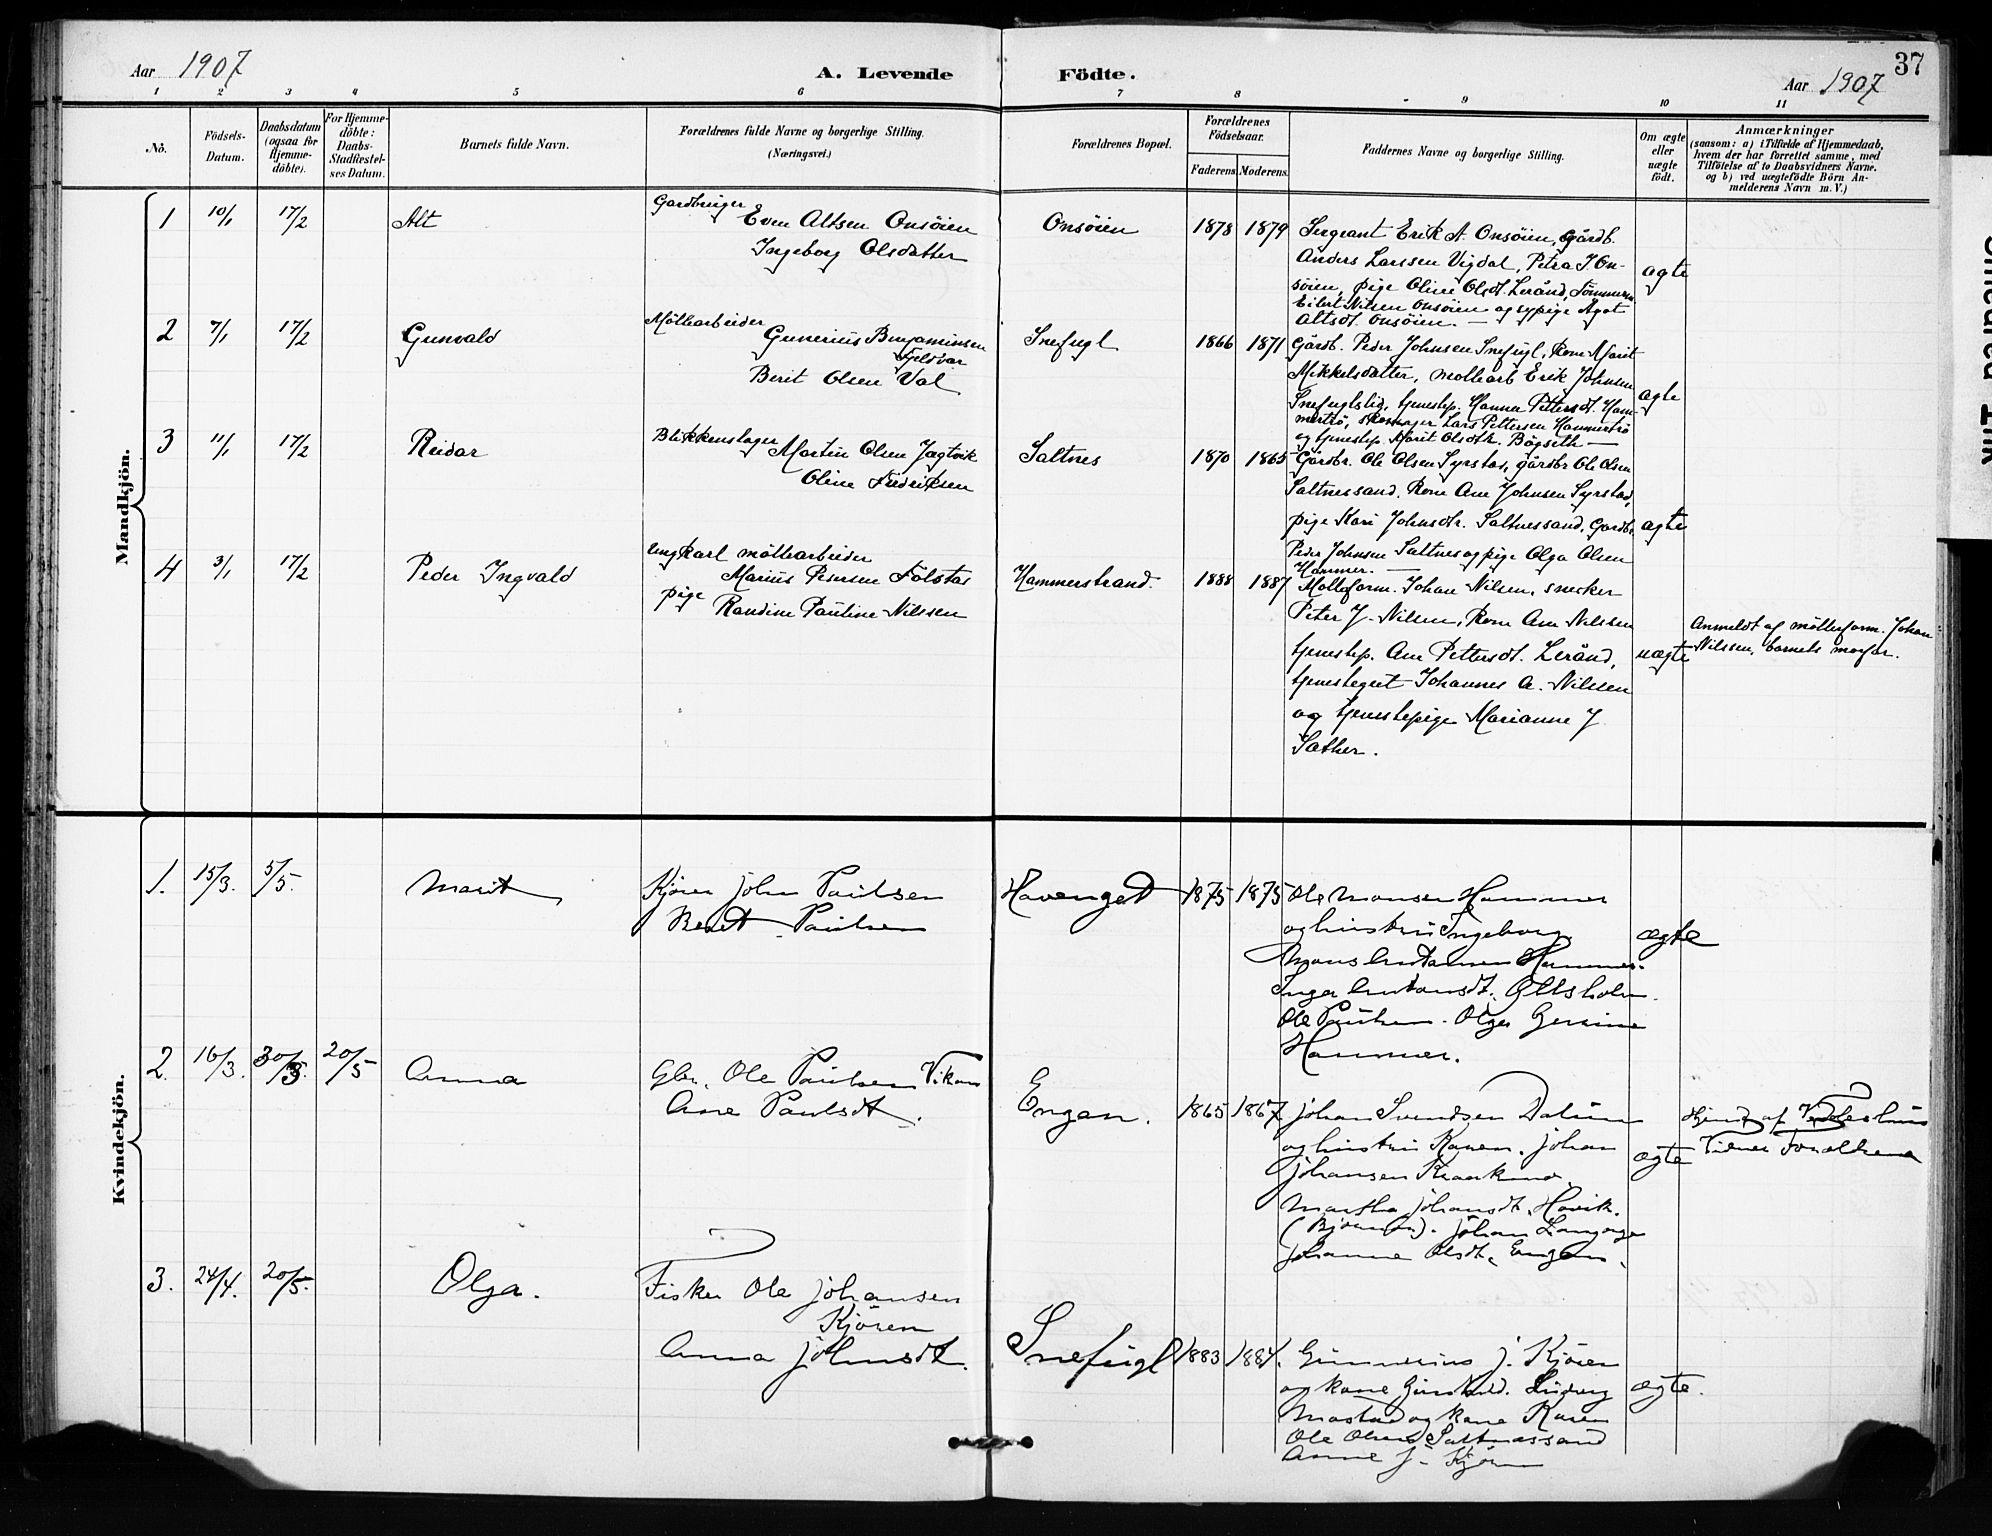 SAT, Ministerialprotokoller, klokkerbøker og fødselsregistre - Sør-Trøndelag, 666/L0787: Ministerialbok nr. 666A05, 1895-1908, s. 37